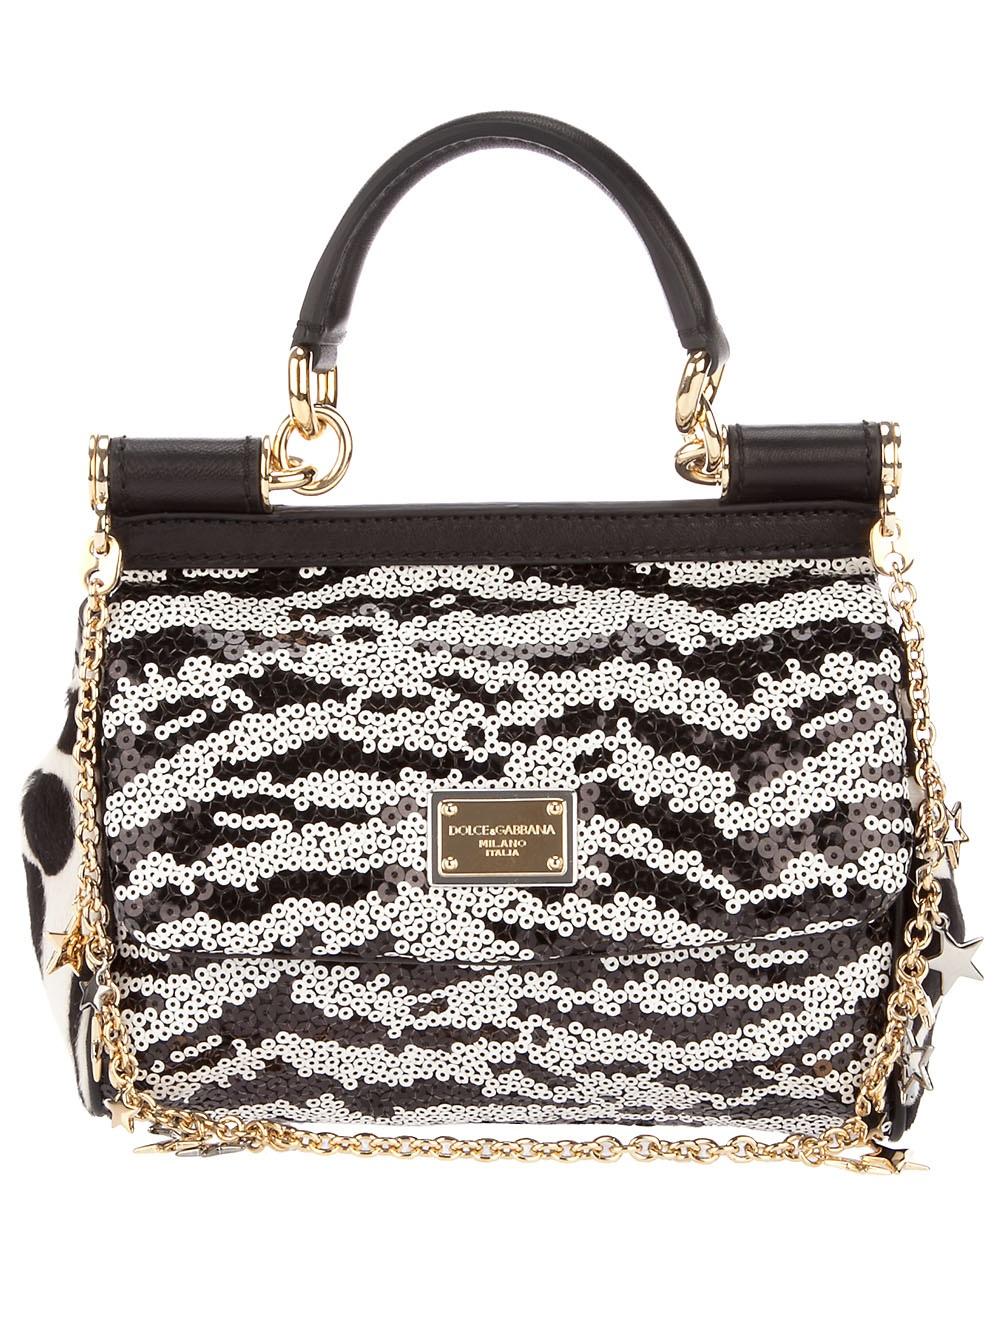 Dolce & Gabbana Sequin foldover shoulder bag IYEZ2mJ1a